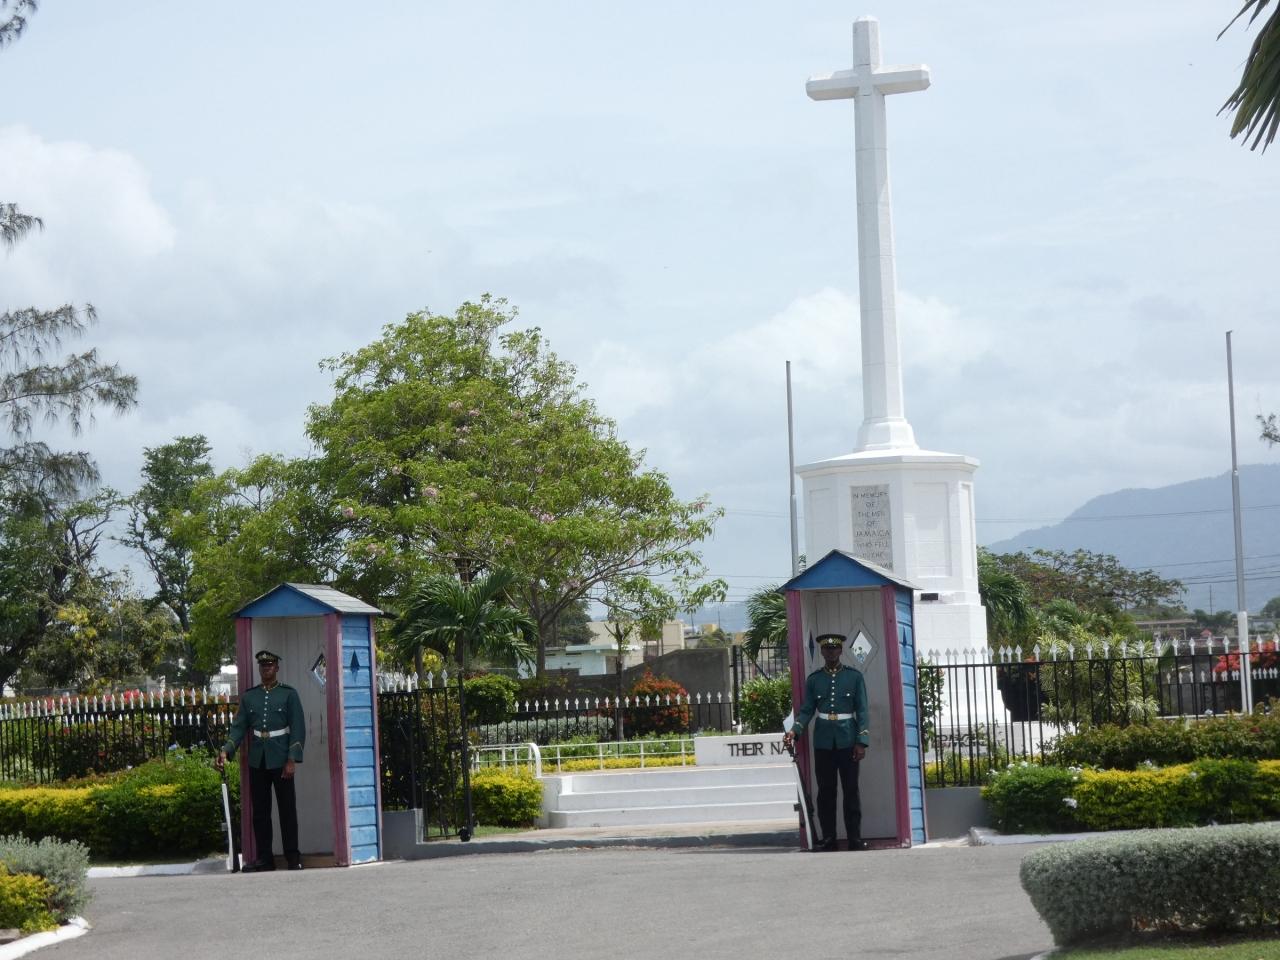 『キングストン ナショナル・ヒーローズ・パーク (National Heroes Park, Kingston